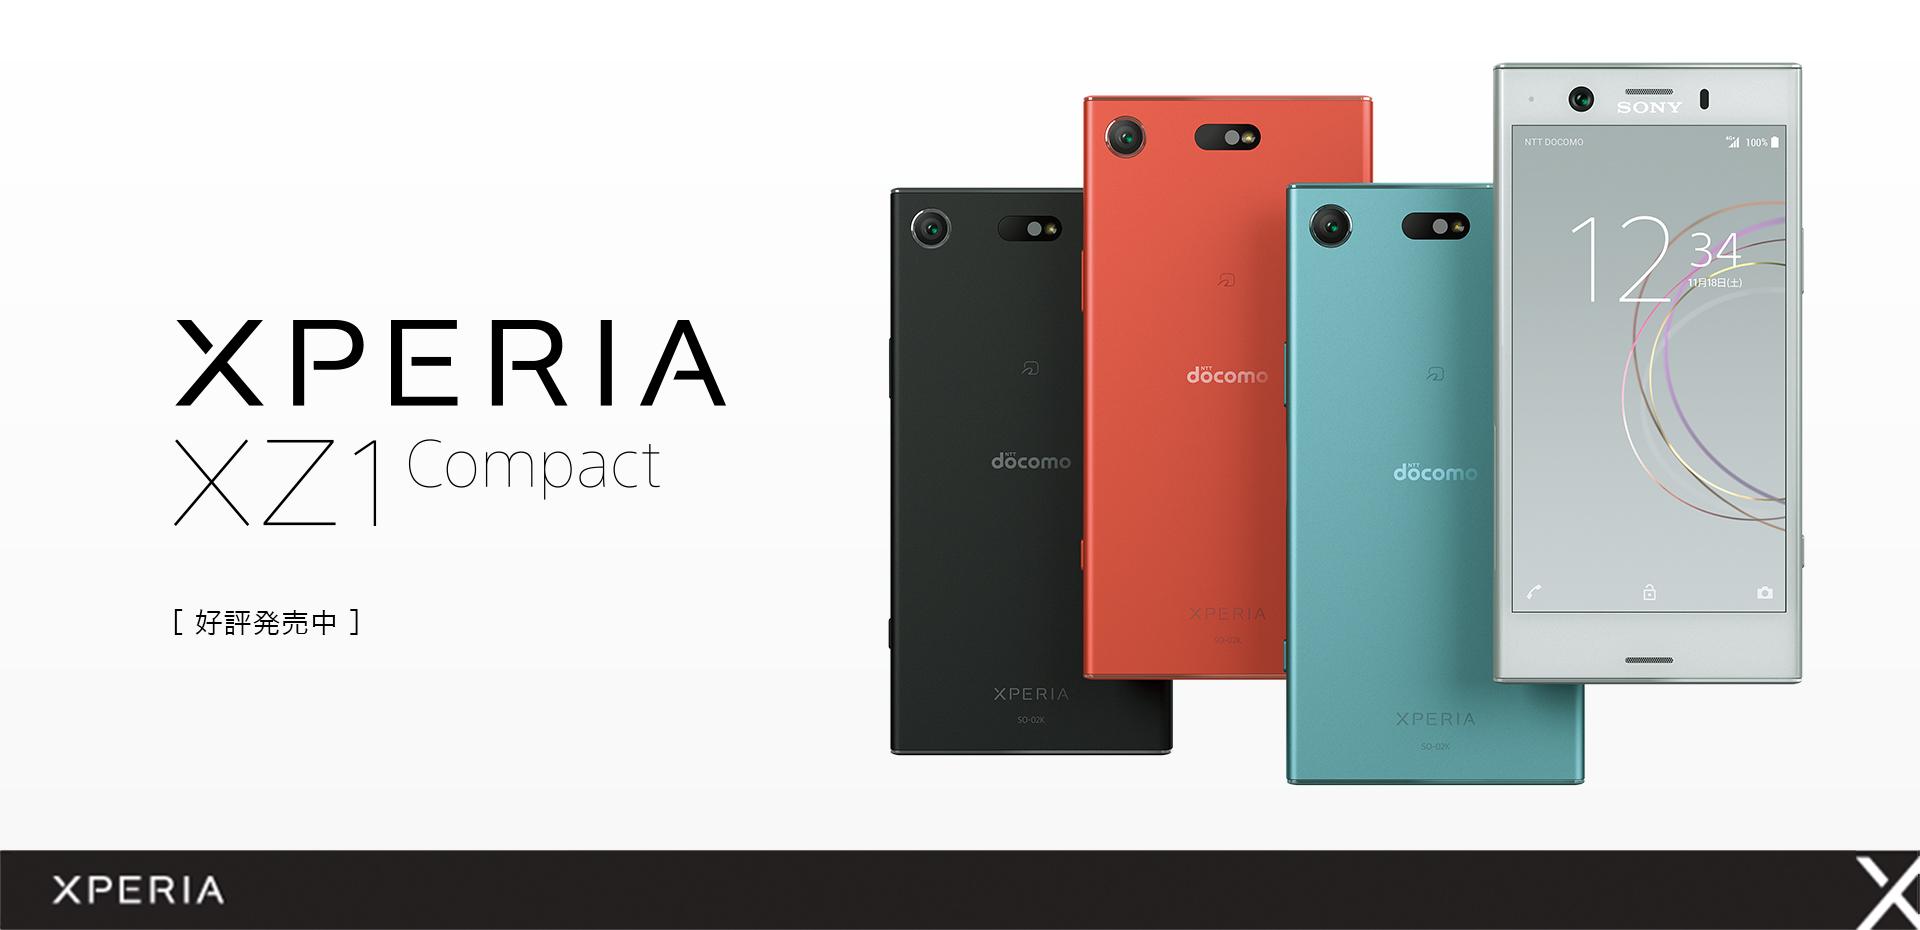 端末購入サポート堕ちしたXperia XZ1 Compact SO-02Kの単身者の寝かせ最低維持料金を考える。